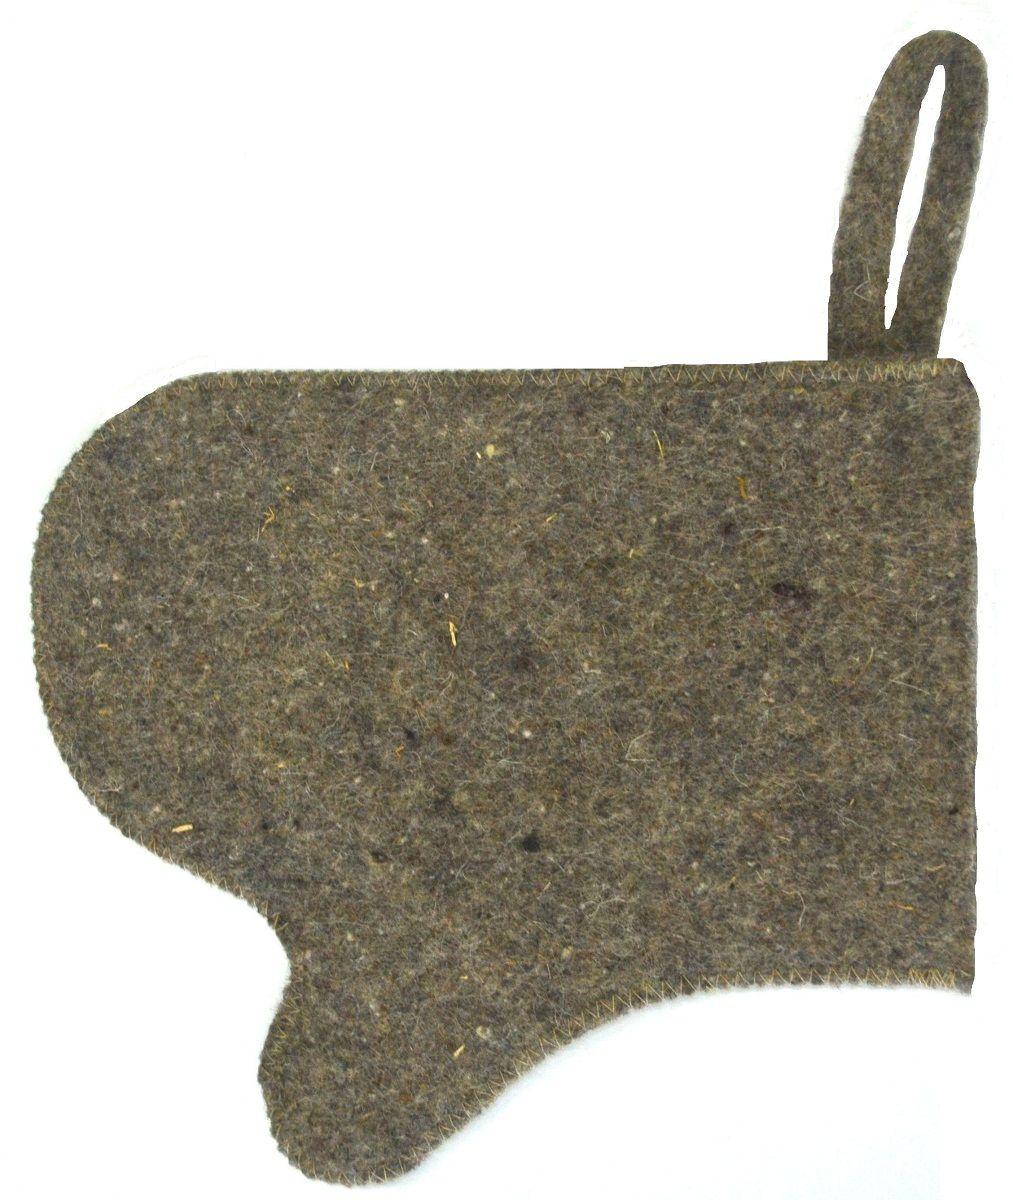 Рукавица для бани и сауны Ecology Sauna Эконом, цвет: серыйДЮН-ЭК003Необходимый атрибут банщика. Изготовлена из овечий шерсти, экологичного и долговечного материала. Обеспечивает безопасность и комфорт. Защищает руки от горячих предметов в парилке. ожогов и мозолей.